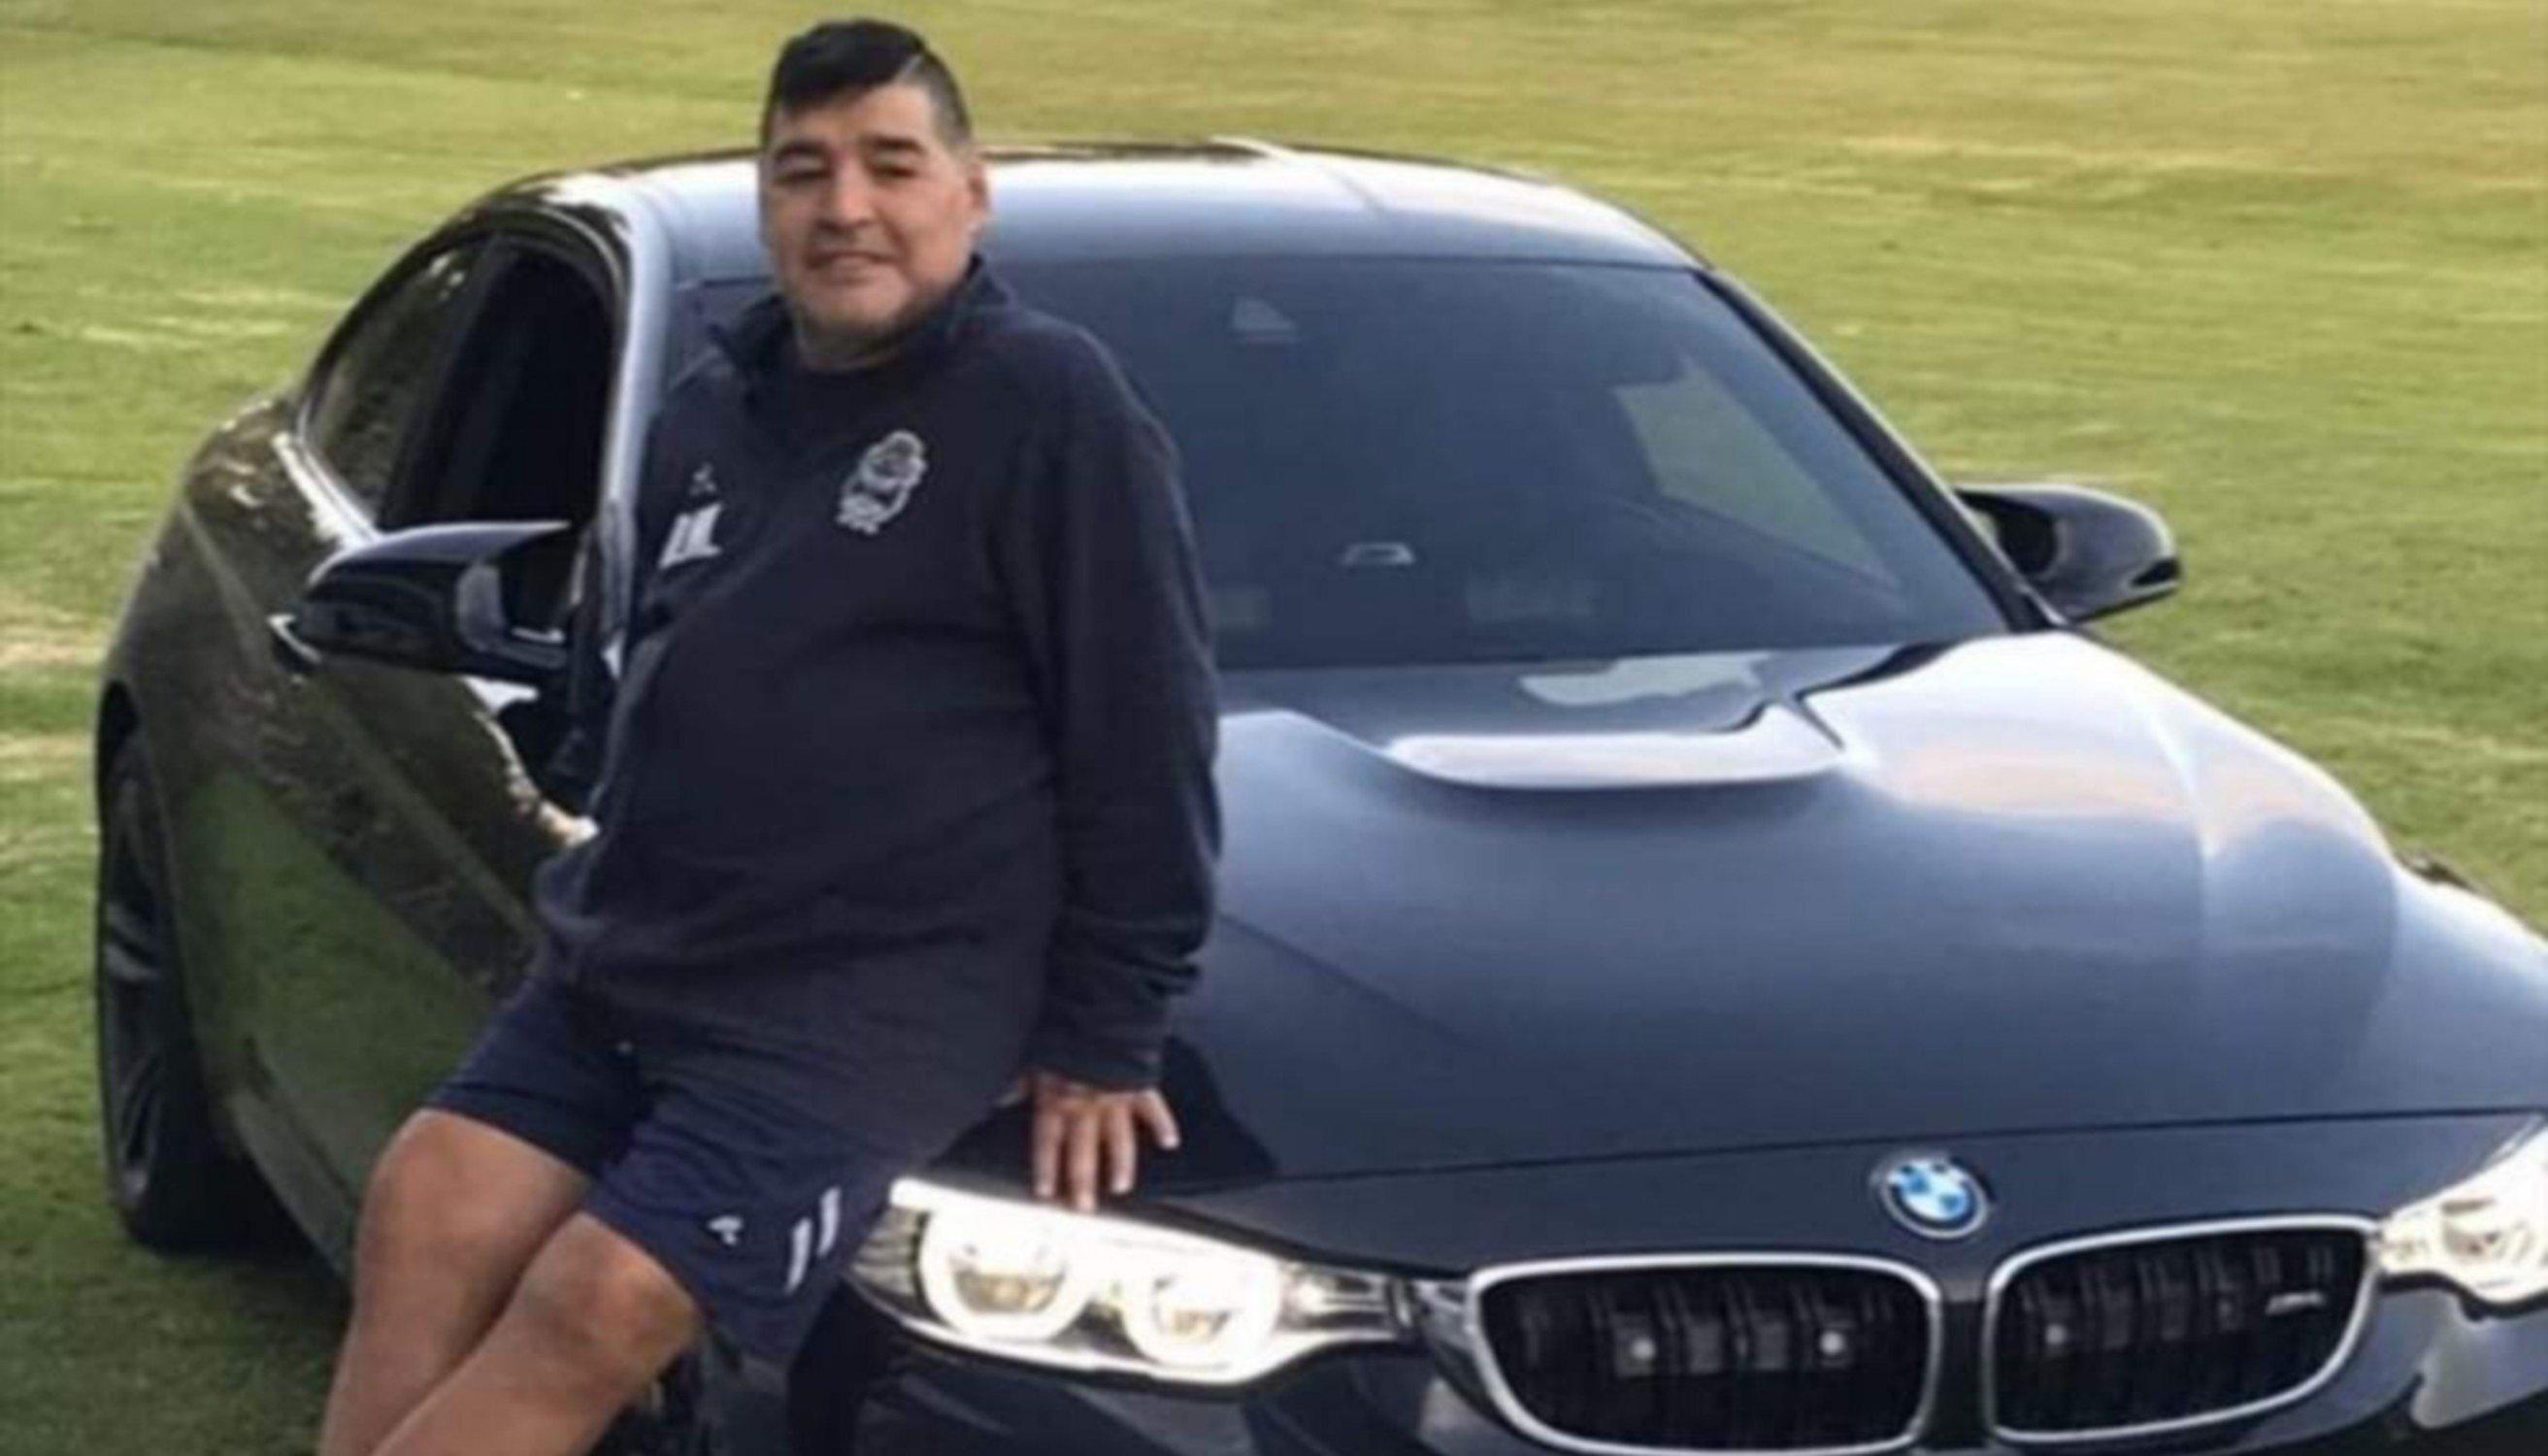 El lujoso auto de Maradona con sirena de patrullero — Imperdible